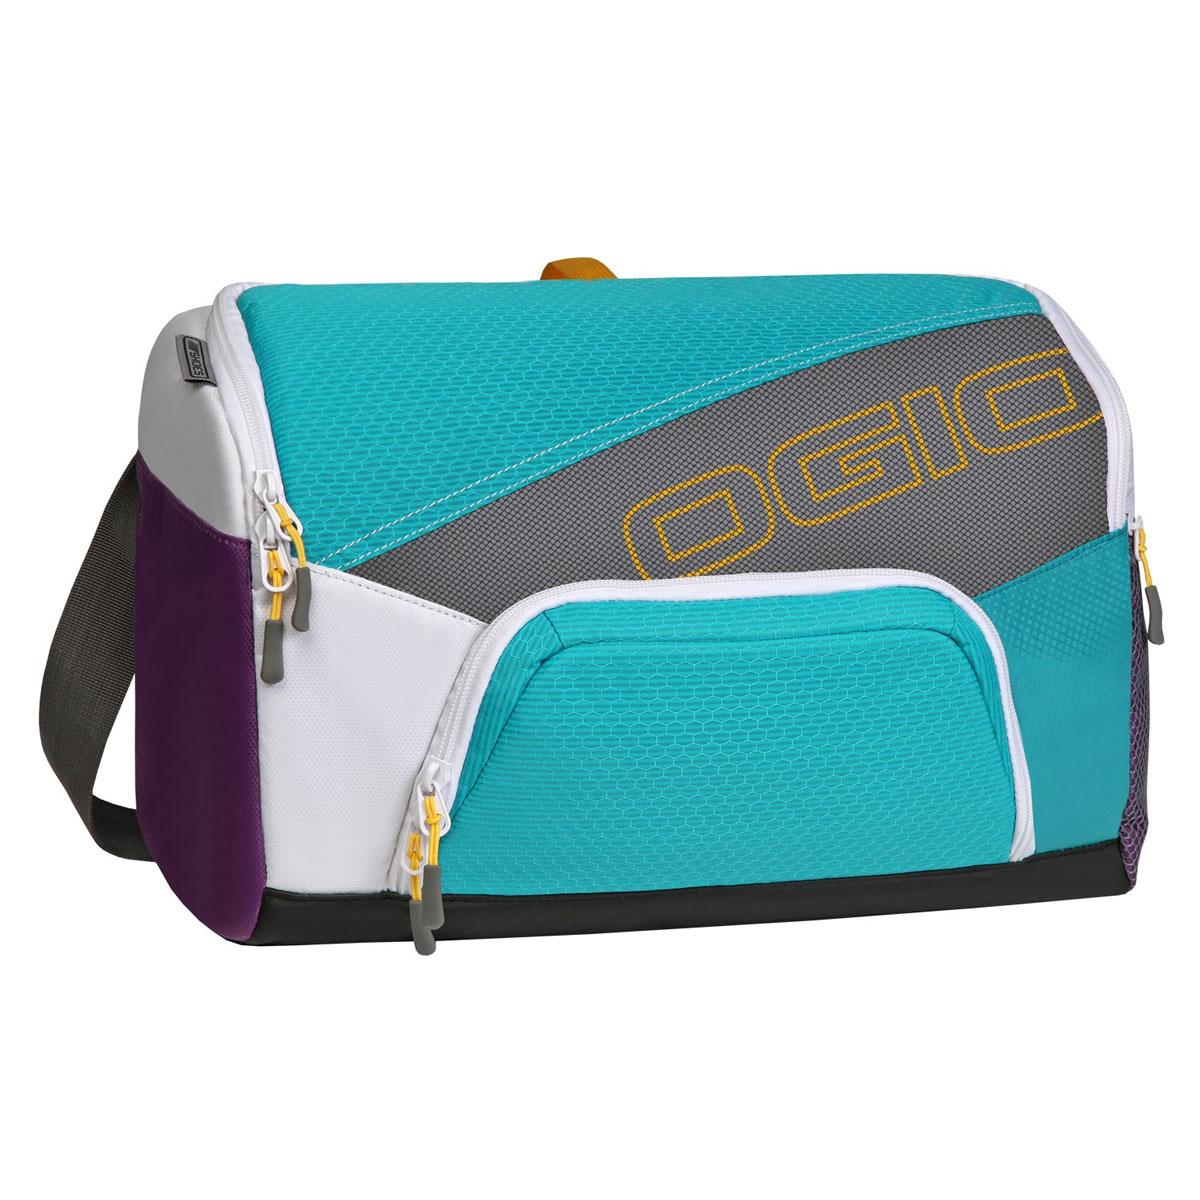 Сумка OGIO Quickdraw, цвет: голубой, фиолетовый. 112041.377112041.377Спортивная сумка OGIO Quickdraw подойдет людям, которые не привыкли таскать с собой габаритные сумки.Плечевая спортивная сумка OGIO - это Ваш помощник в спортивной жизни. Компактная сумка легко поместит в себе пару обуви, футболку с шортами, шейкер, мелкие вещи и электронные гаджеты.Особенности:Основное отделение отлично вмещает обувь для бега и сменную одежду.Внутренний карман для бутылки с водой.Дополнительное специальное отделение под крышкой для хранения продуктов питания.Внутренний карман для ключей и ценных вещей.Наружный карман с подбивкой для хранения ценных вещей.Легкая, износоустойчивая и прочная на разрыв ткань.Скрытая сетка для вентиляции основного отделения.Боковой карман с двусторонней застежкой на молнии носостойкое и устойчивое к истиранию брезентовое основание.Вентилируемая задняя стенка с системой проветривания.Простой регулируемый наплечный ремень Надежно закрепленный ремень для переноски.Яркая подкладка.Объем: 15 л.Материал: кареточная ткань 420D, кареточная ткань 210D.